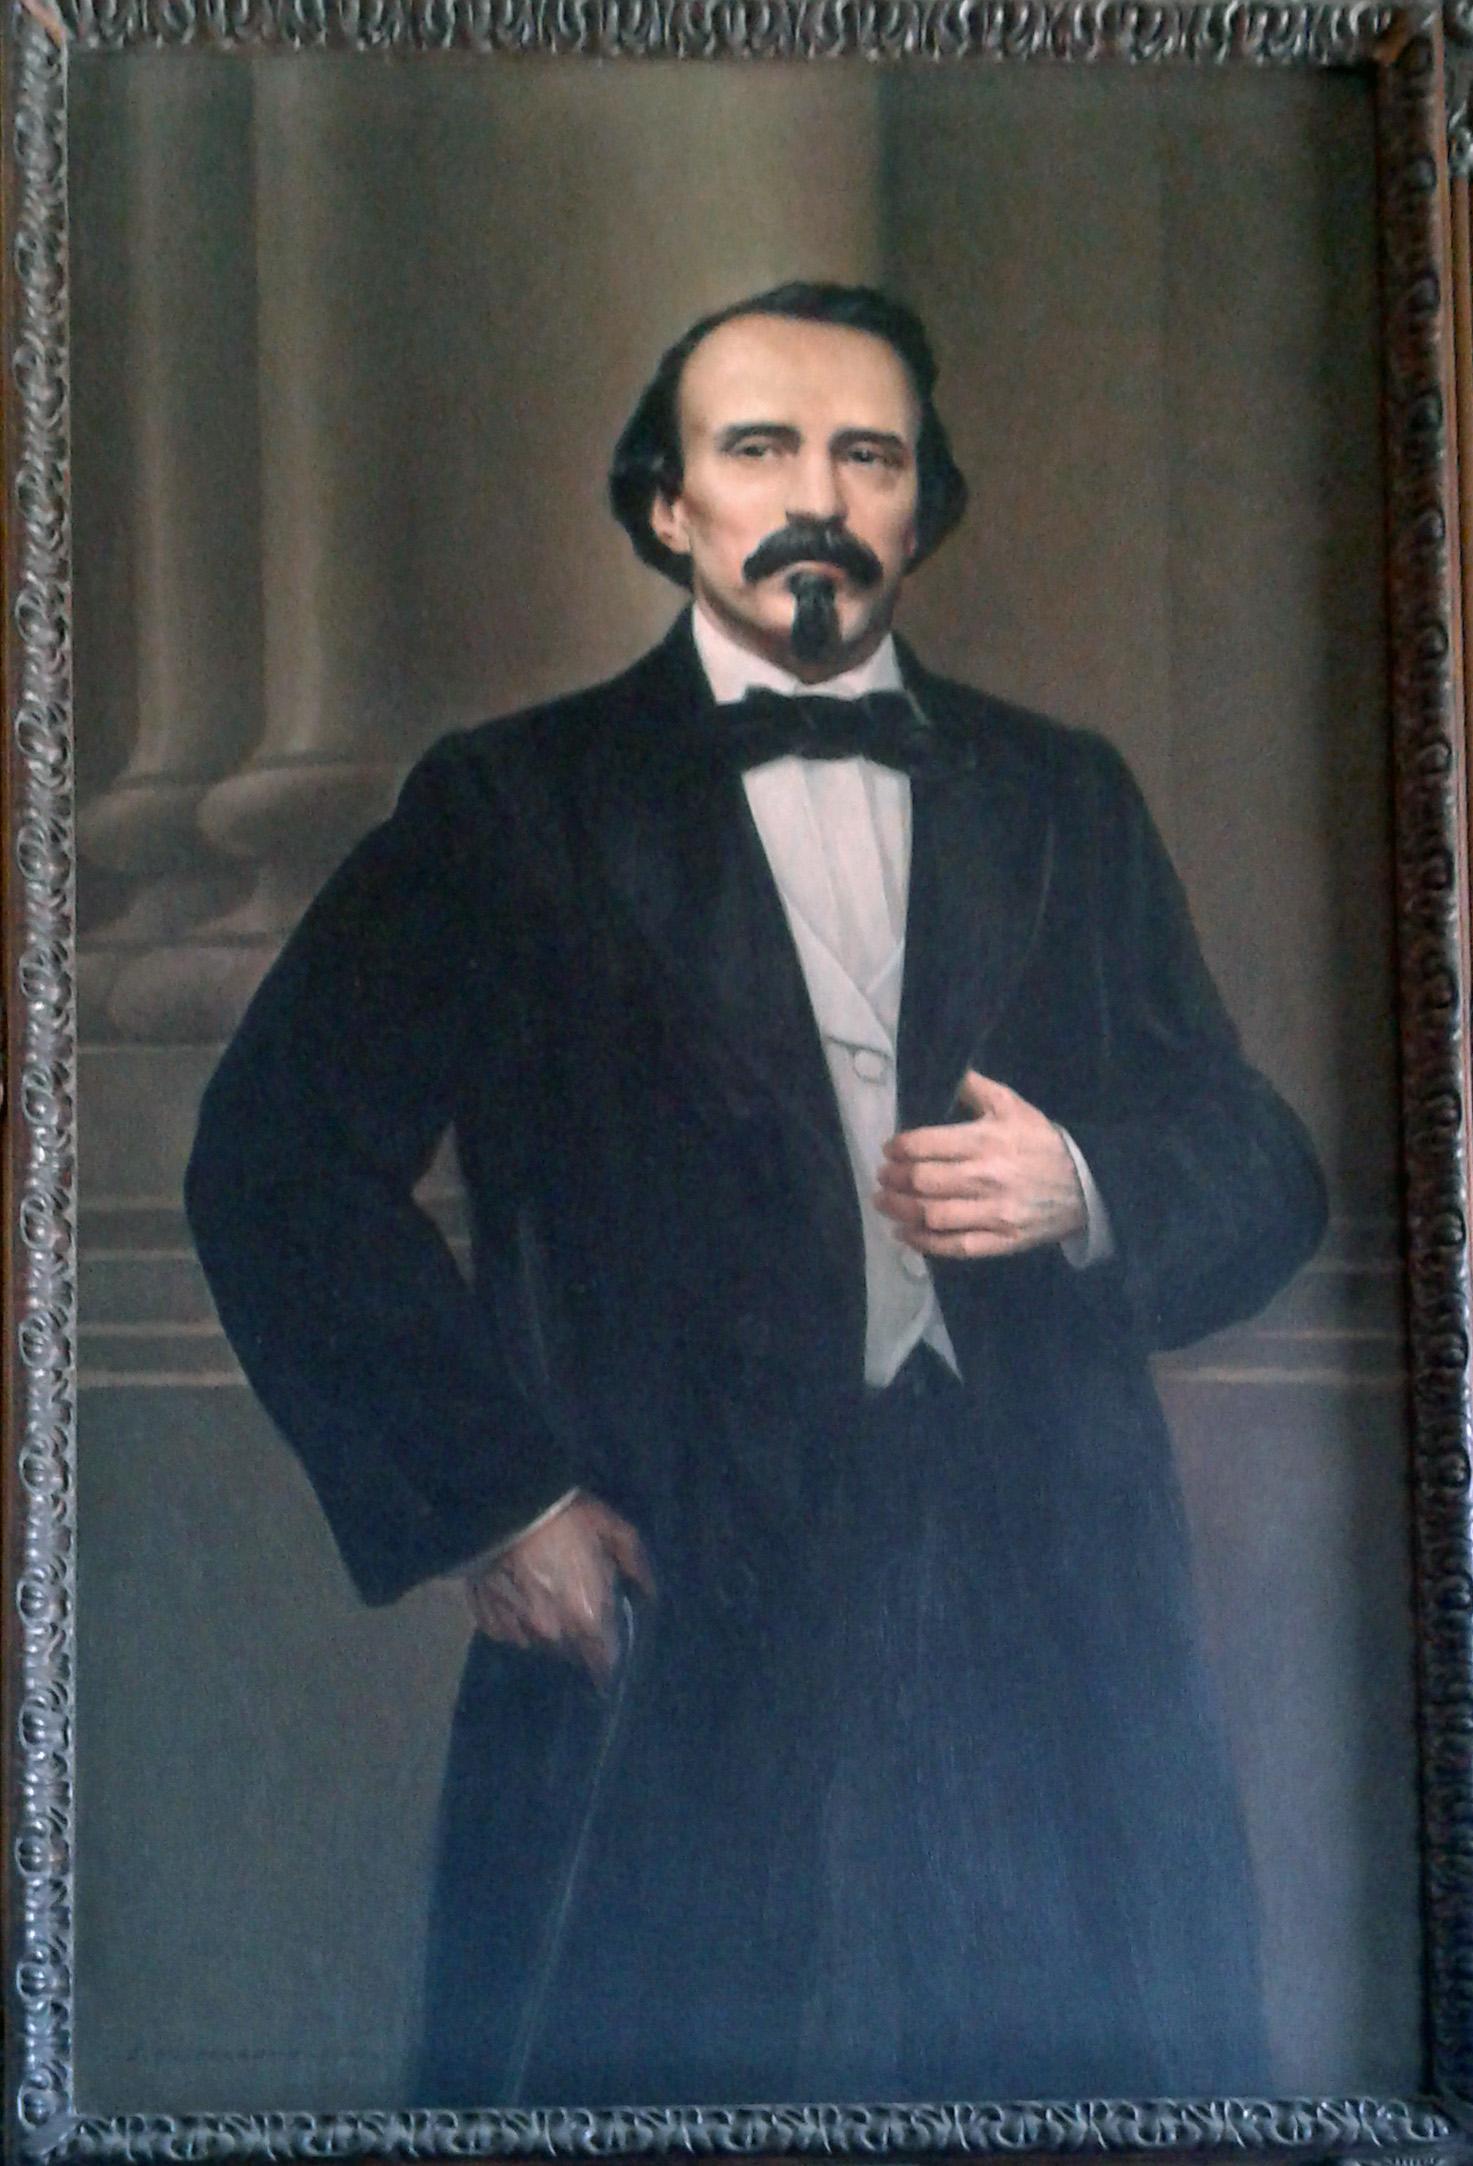 Retrato de Carlos Manuel de Céspedes en el Museo de la Revolución, La Habana, Cuba.